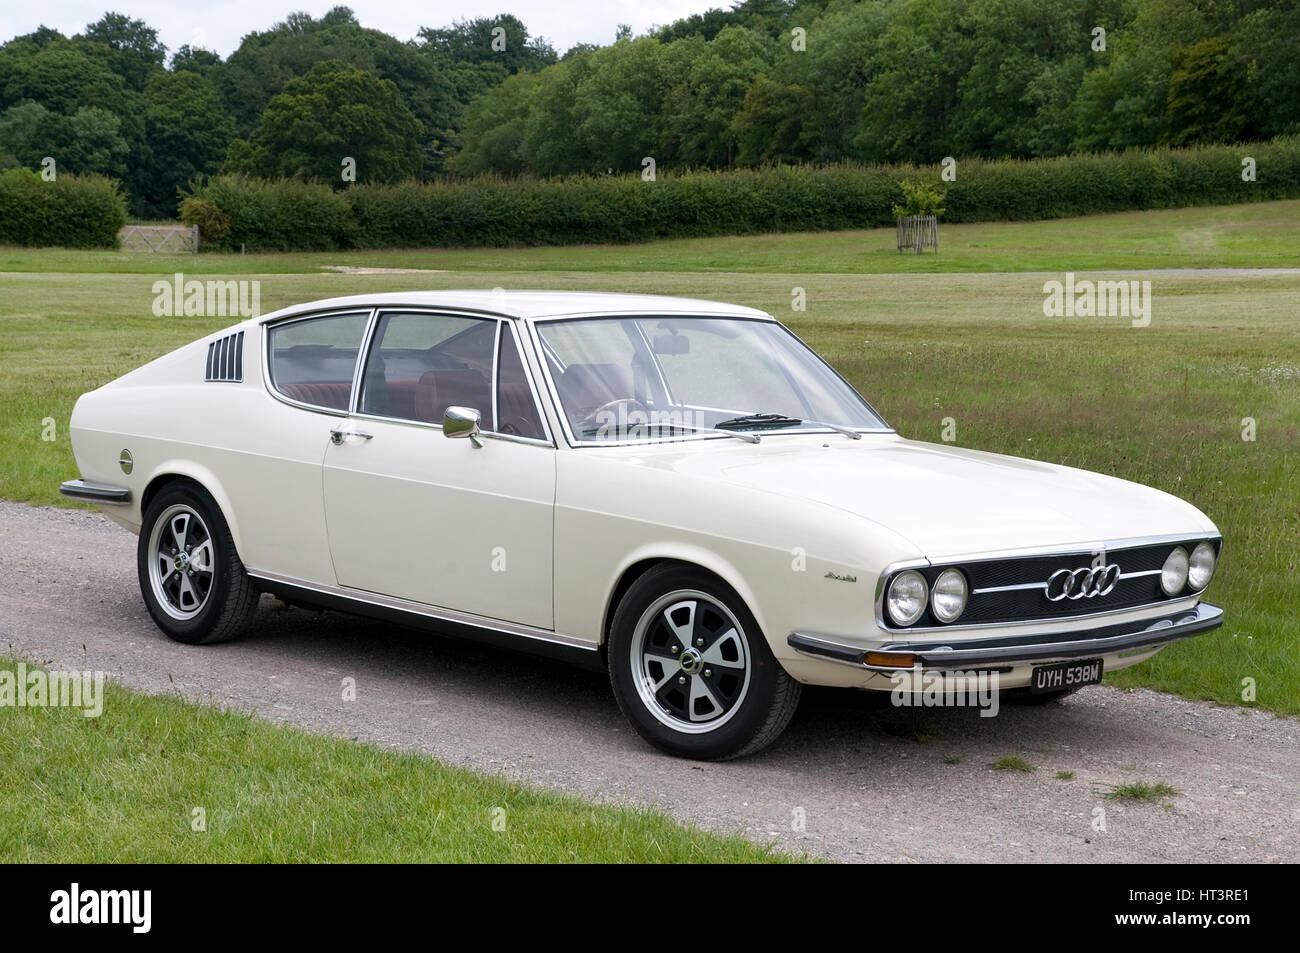 1973 im Audi 100 Coupé S Künstler: unbekannt Stockfoto, Bild: 135308601 - Alamy